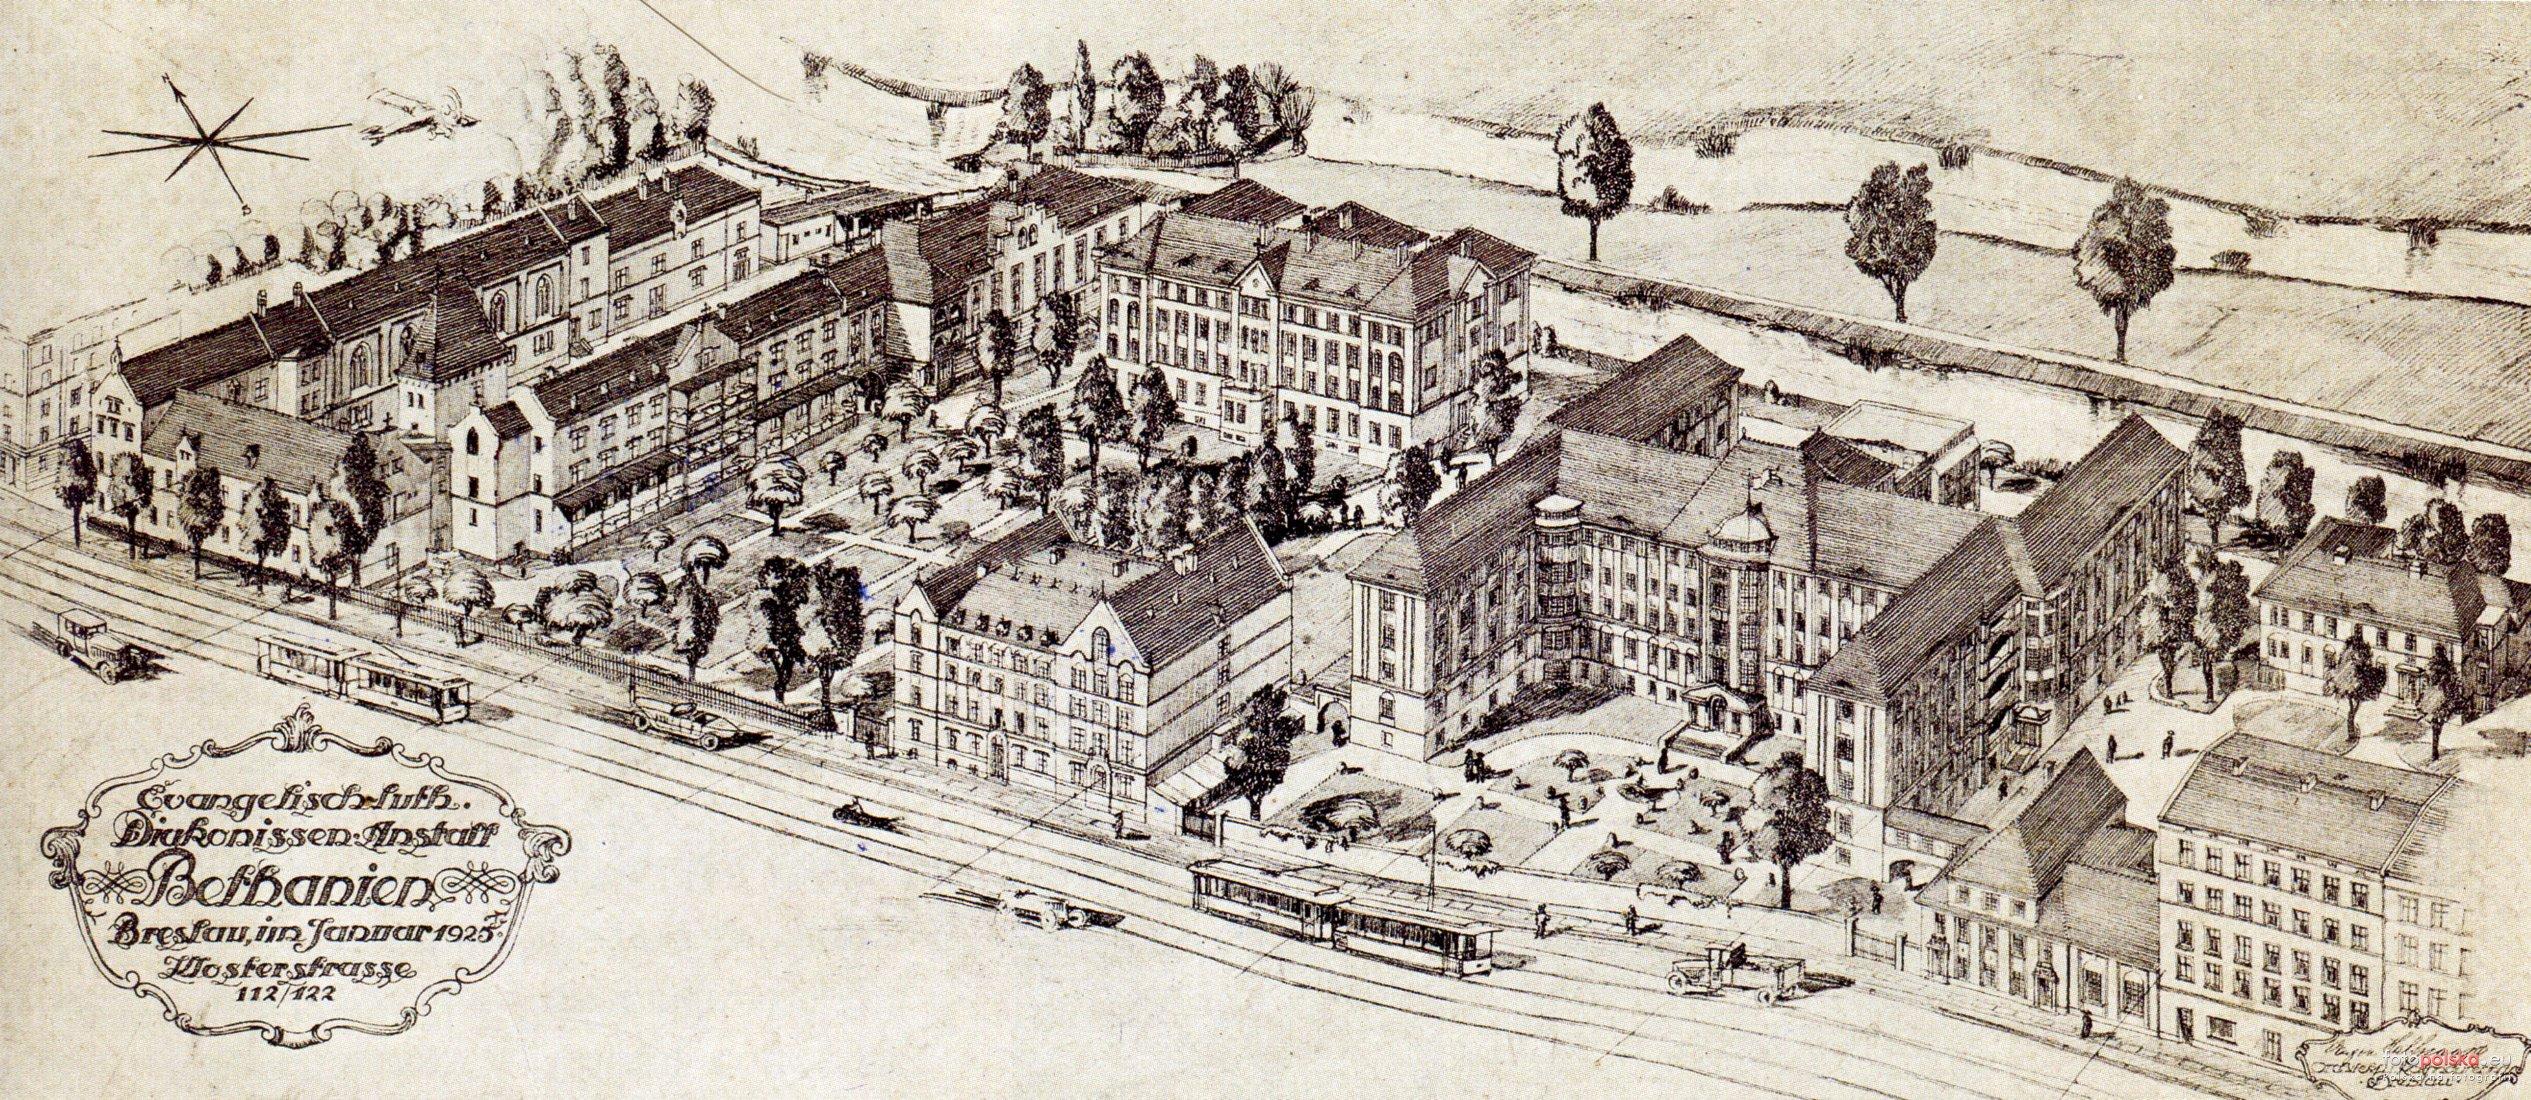 Kompleks szpitala Bethanien na rysunku z 1925 r. Źródło: fotopolska.eu